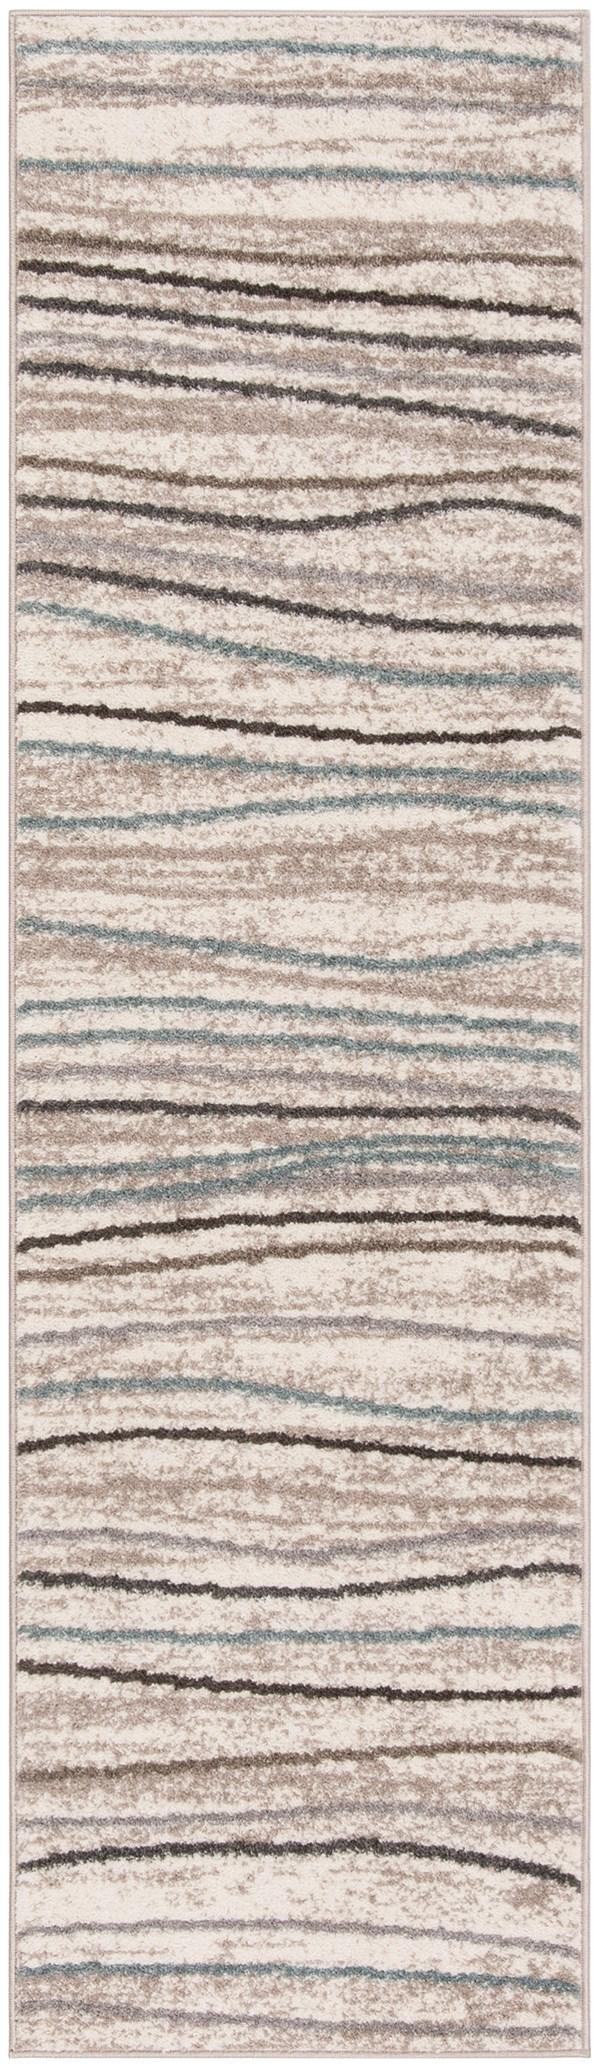 Cream, Beige (A) Striped Area Rug